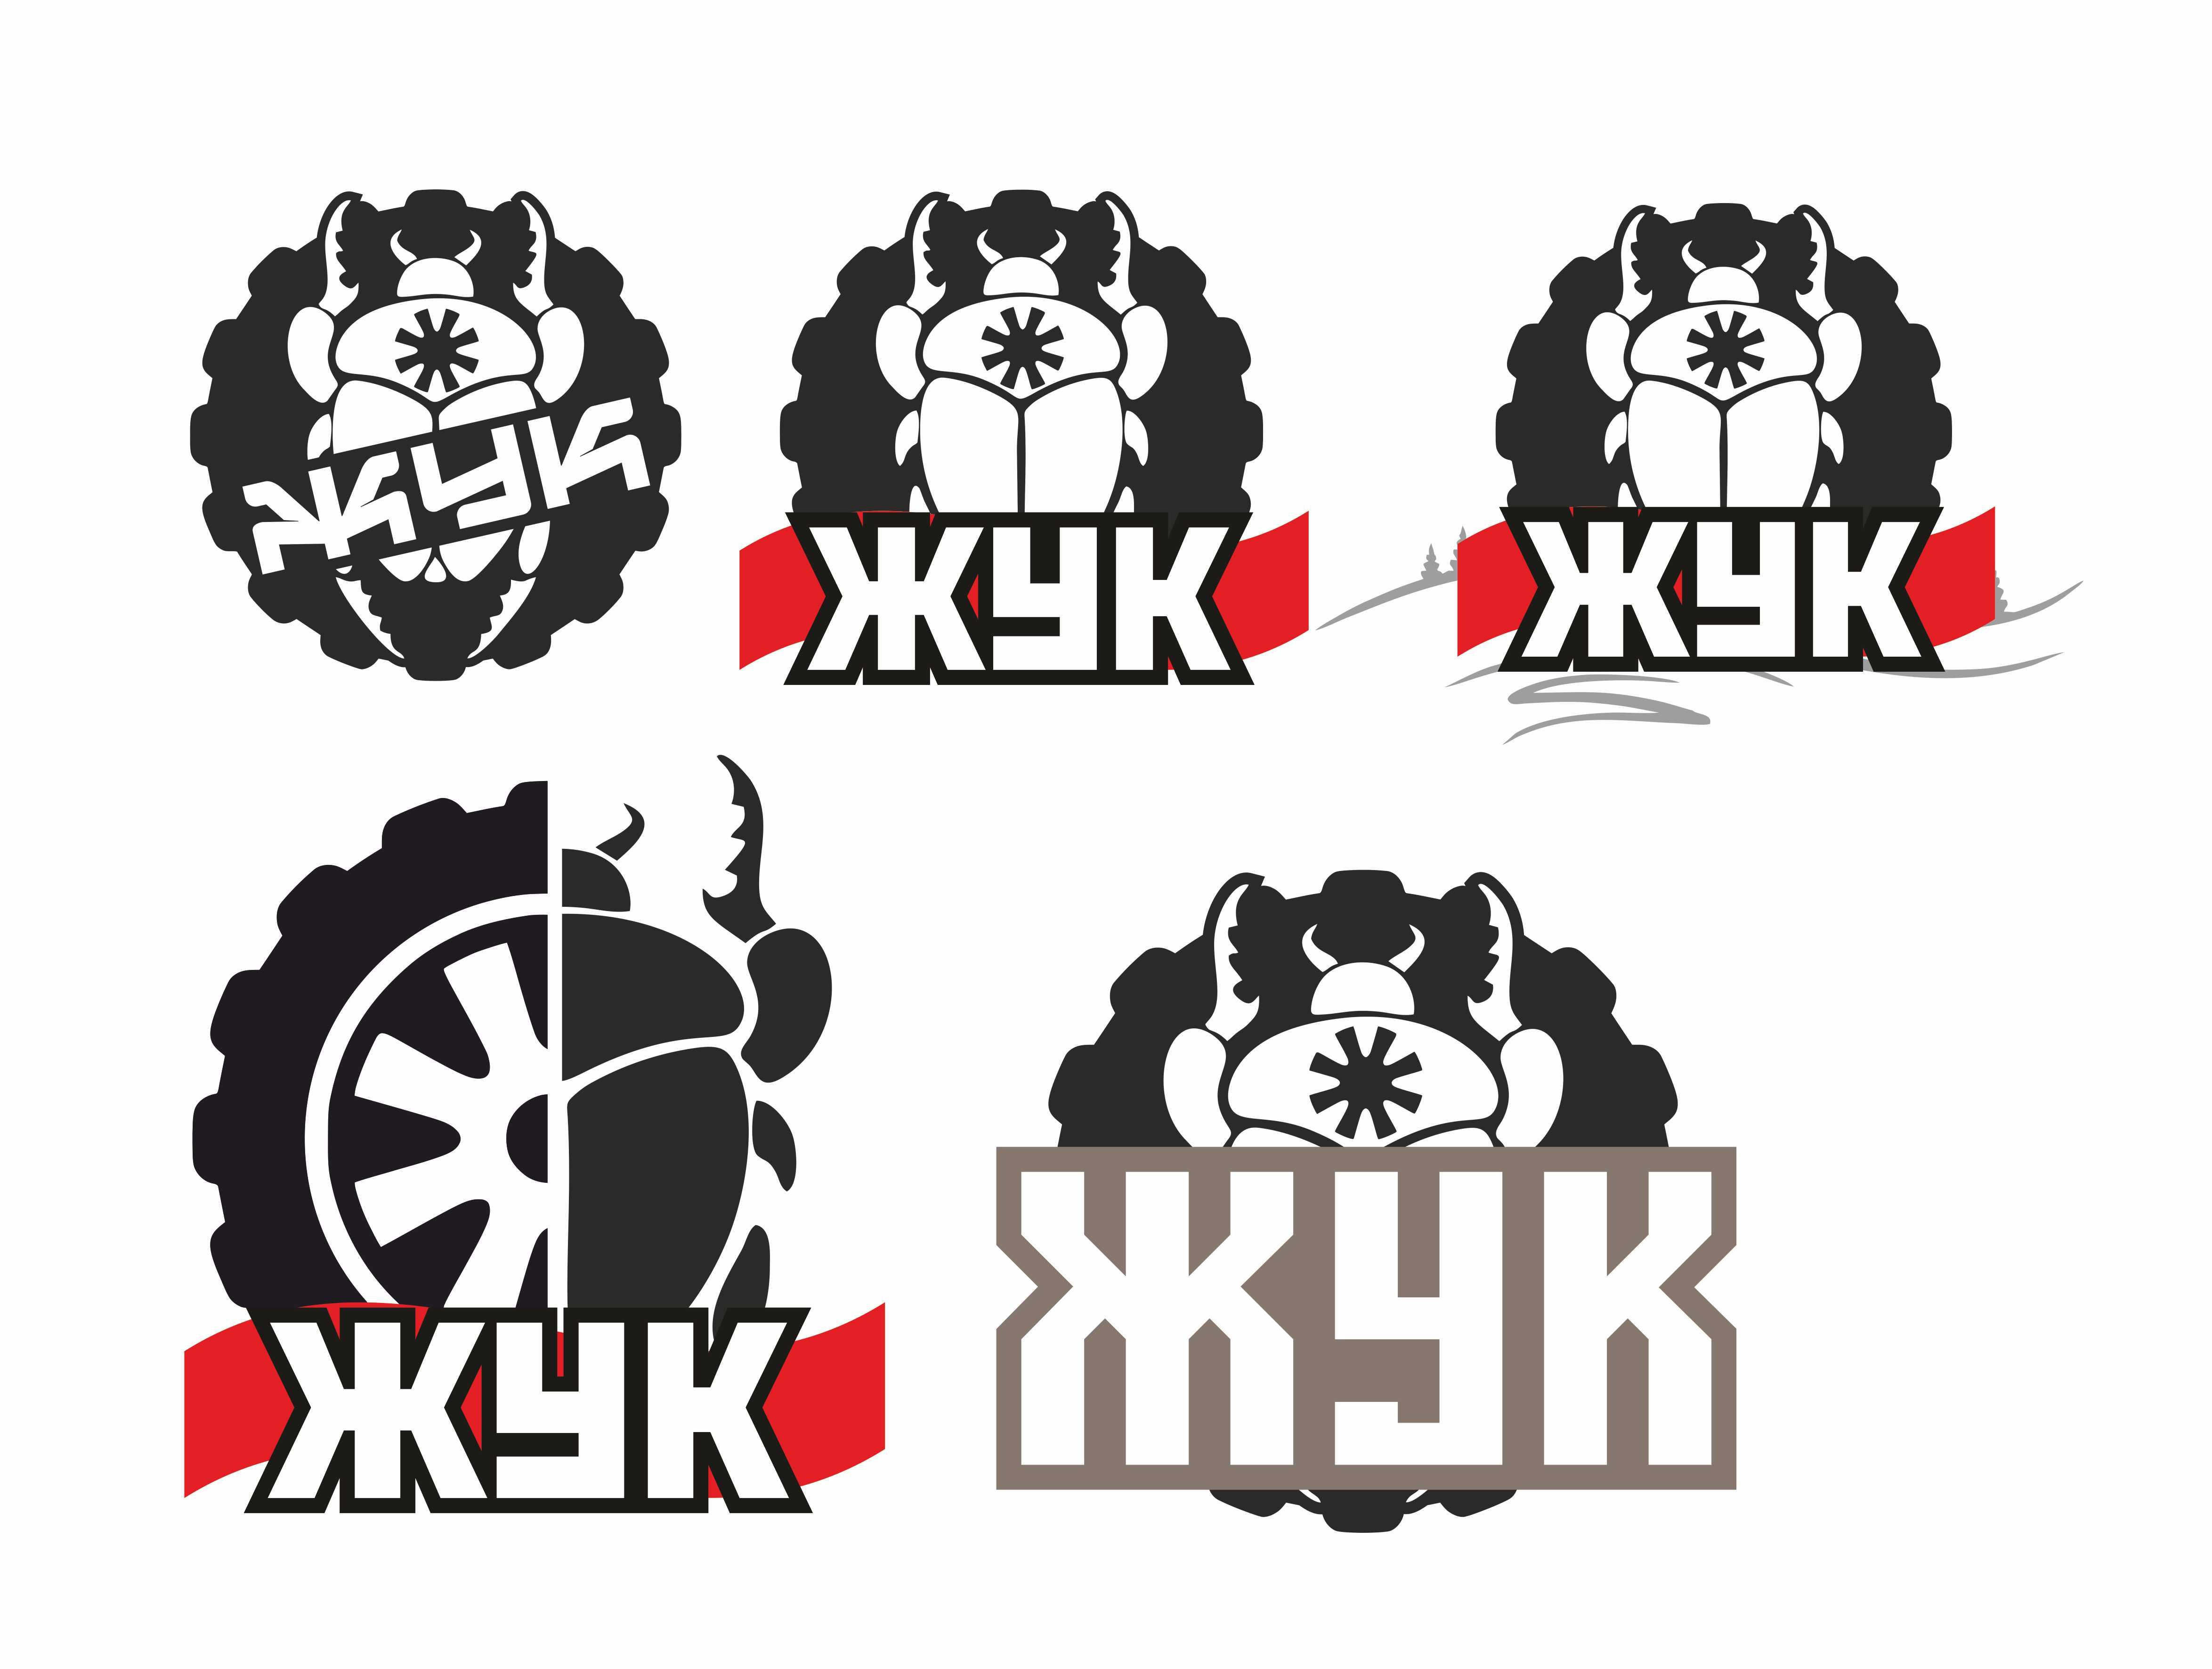 Нужен логотип (эмблема) для самодельного квадроцикла фото f_3605b0411a555d8b.jpg